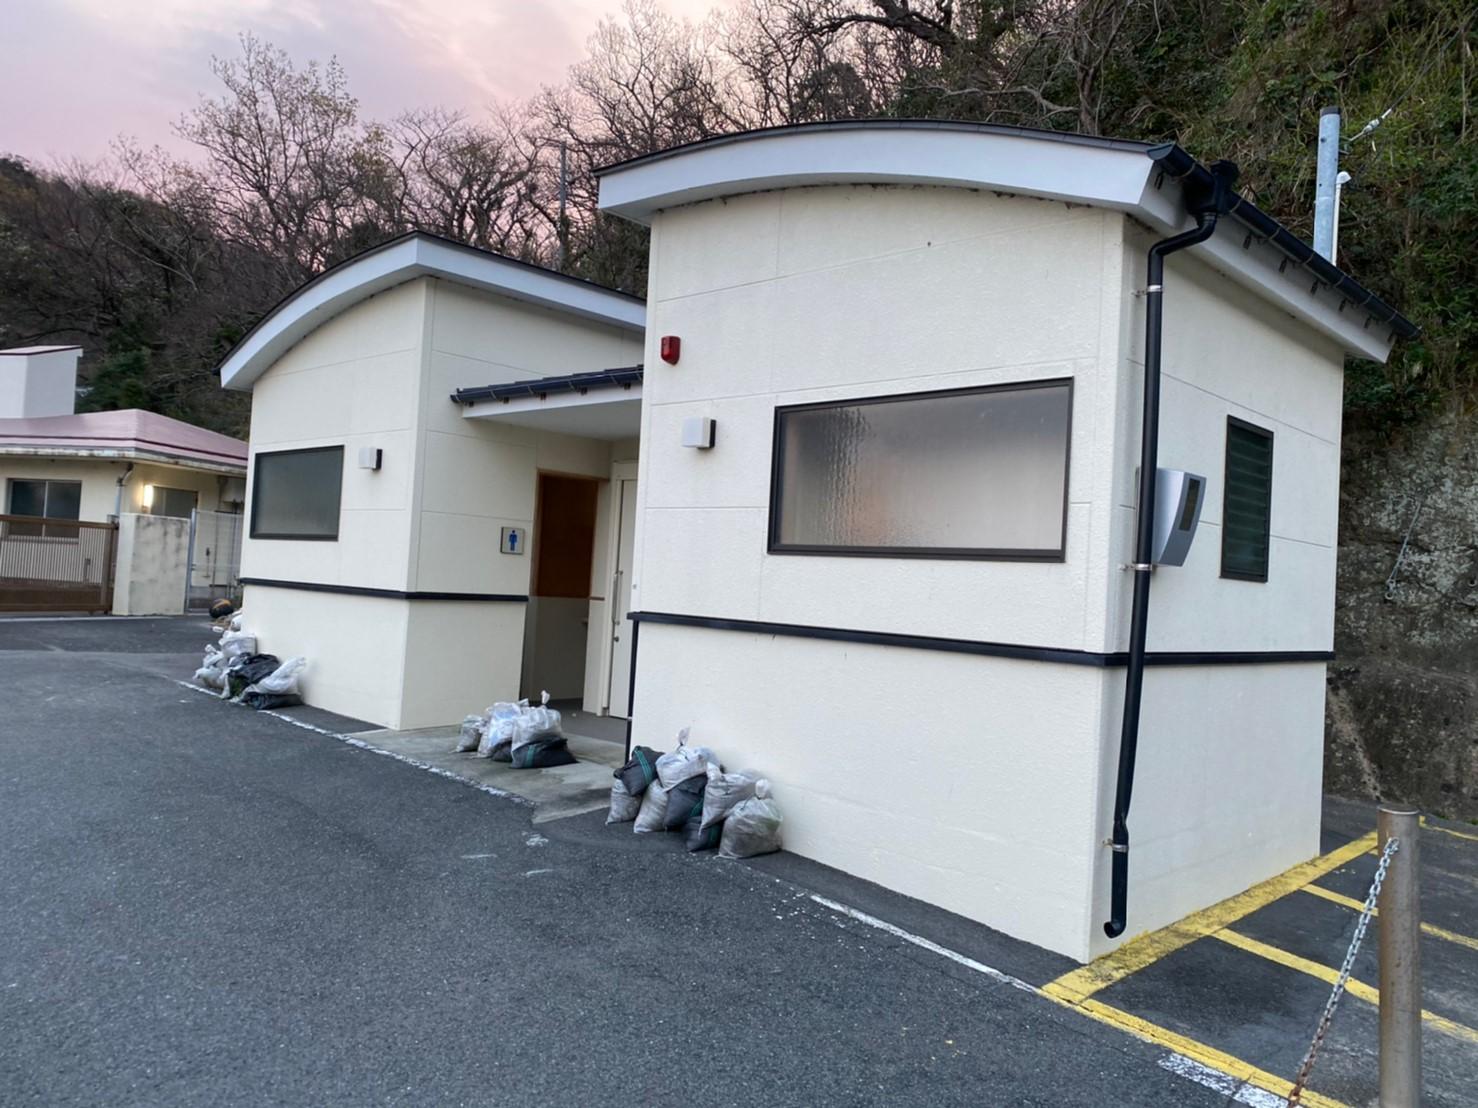 【西伊豆|松崎町】『石部海水浴場付近』の釣り場ガイド(釣れる魚・駐車場)